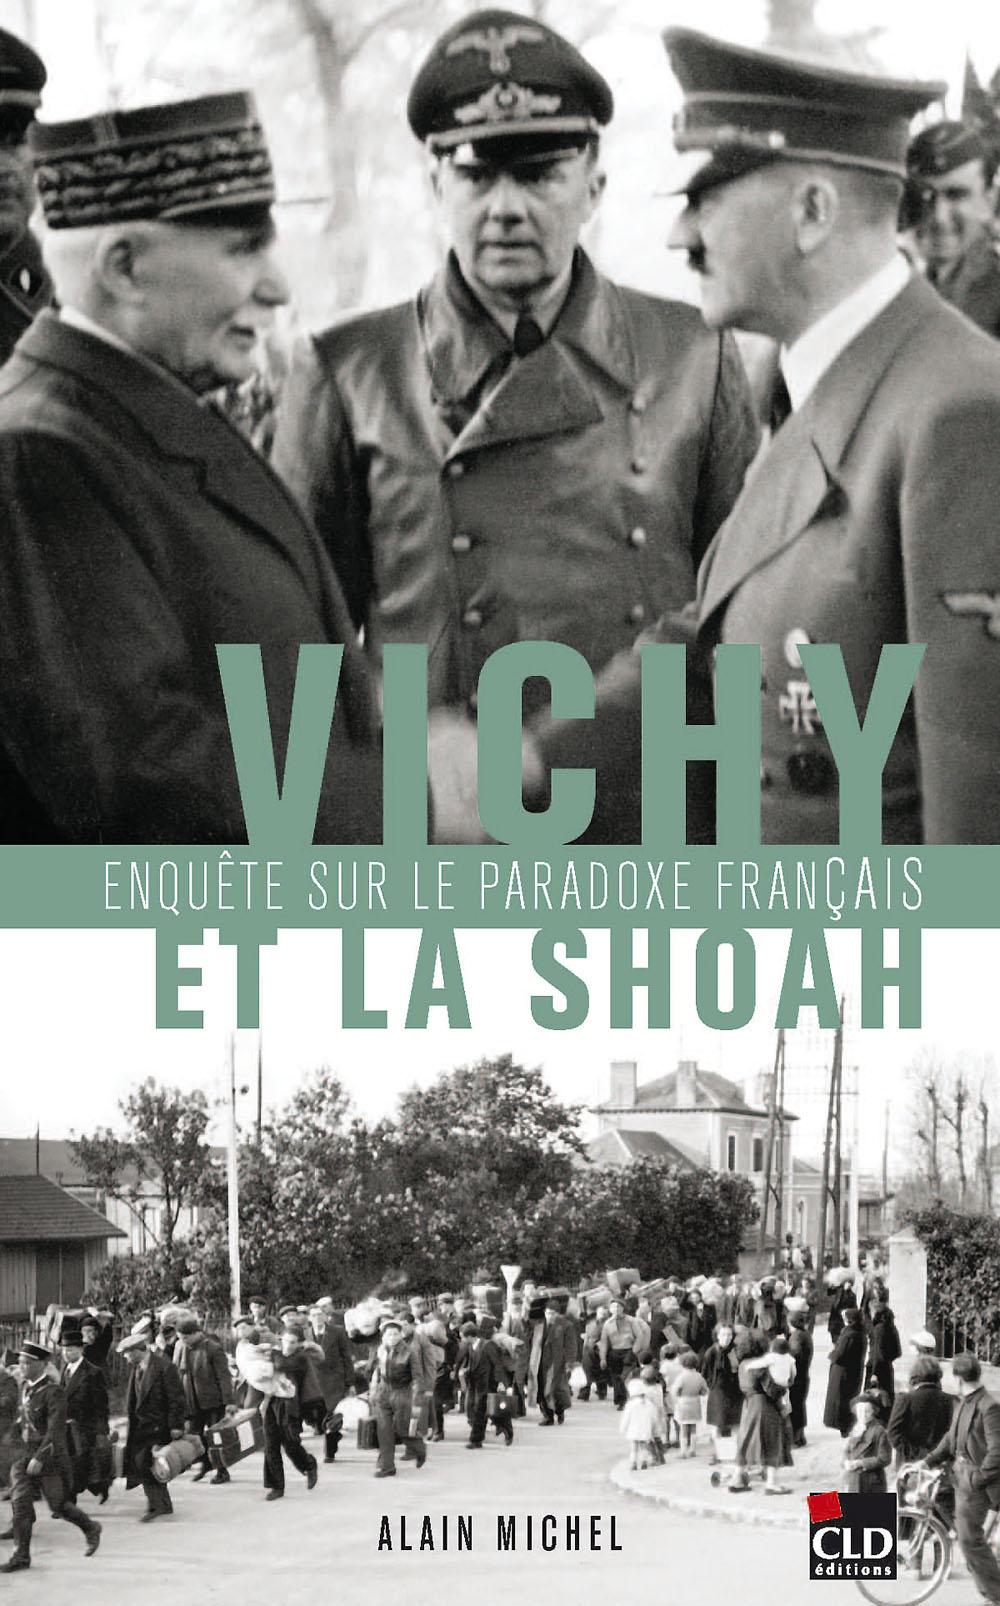 http://prisons-cherche-midi-mauzac.com/wp-content/uploads/2012/03/vichy-et-la-shoah-le-paradoxe-francais.jpg